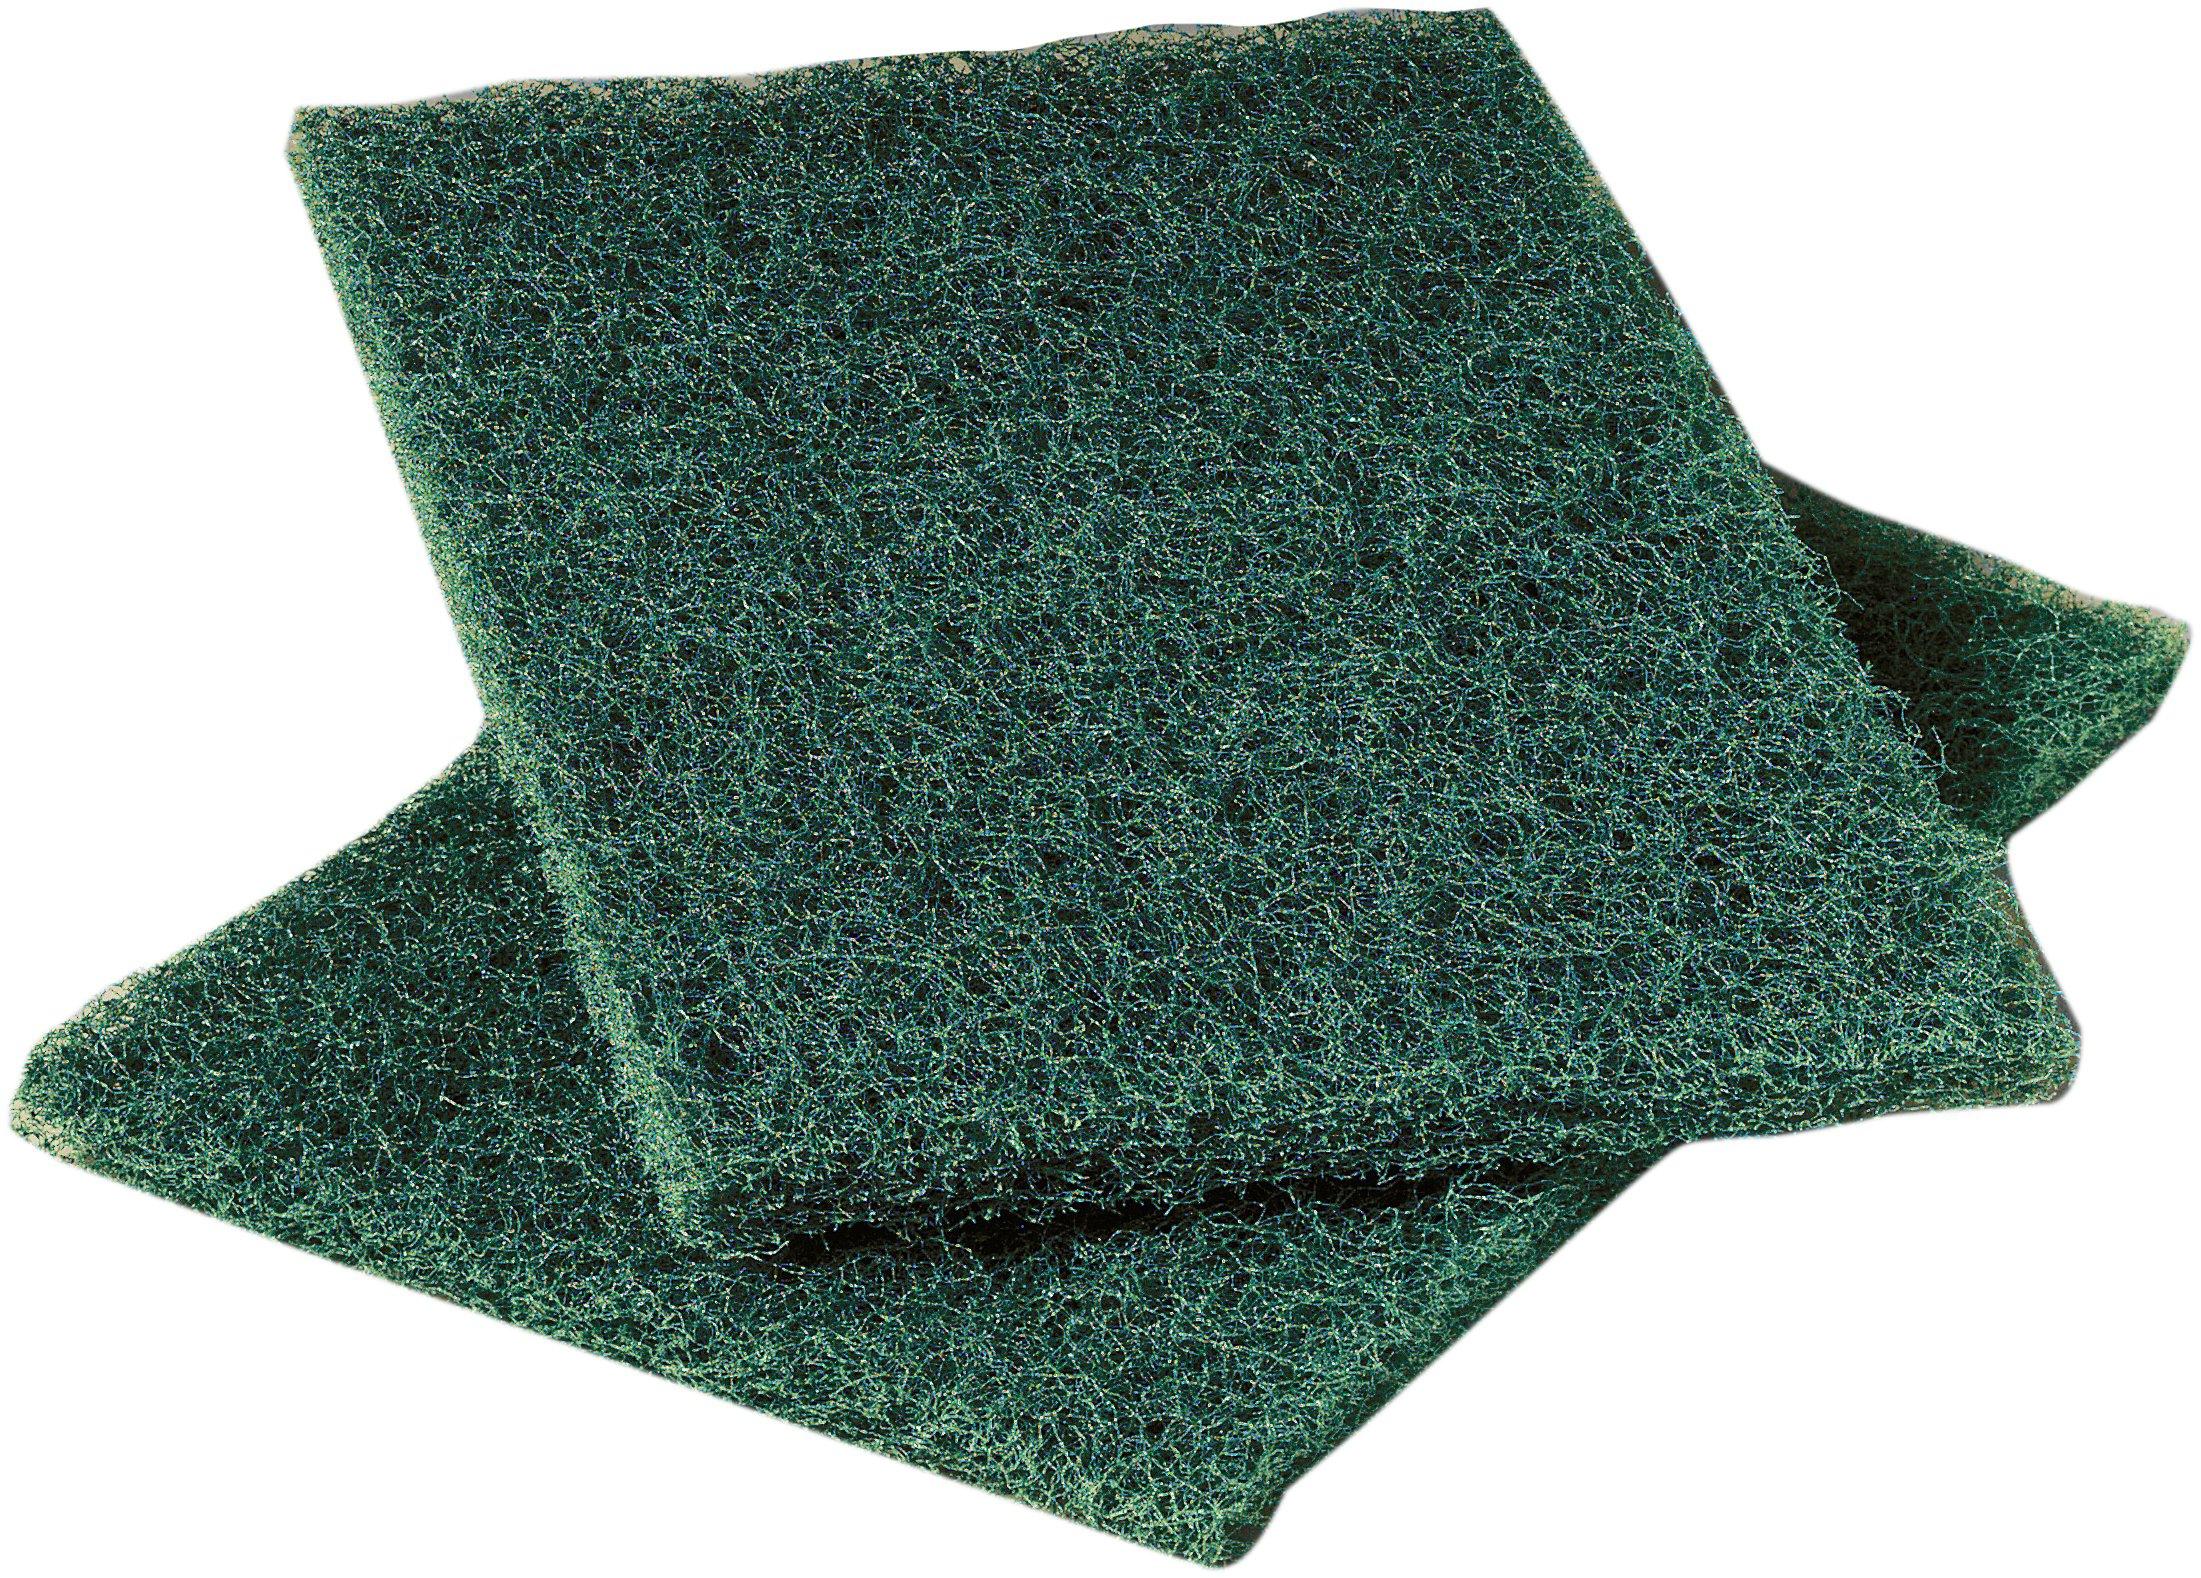 Необычные шлифовальные материалы под названием скотч брайт и стальная  шерсть, расскажем, что это такое - kraski-laki-gruntovka.ru